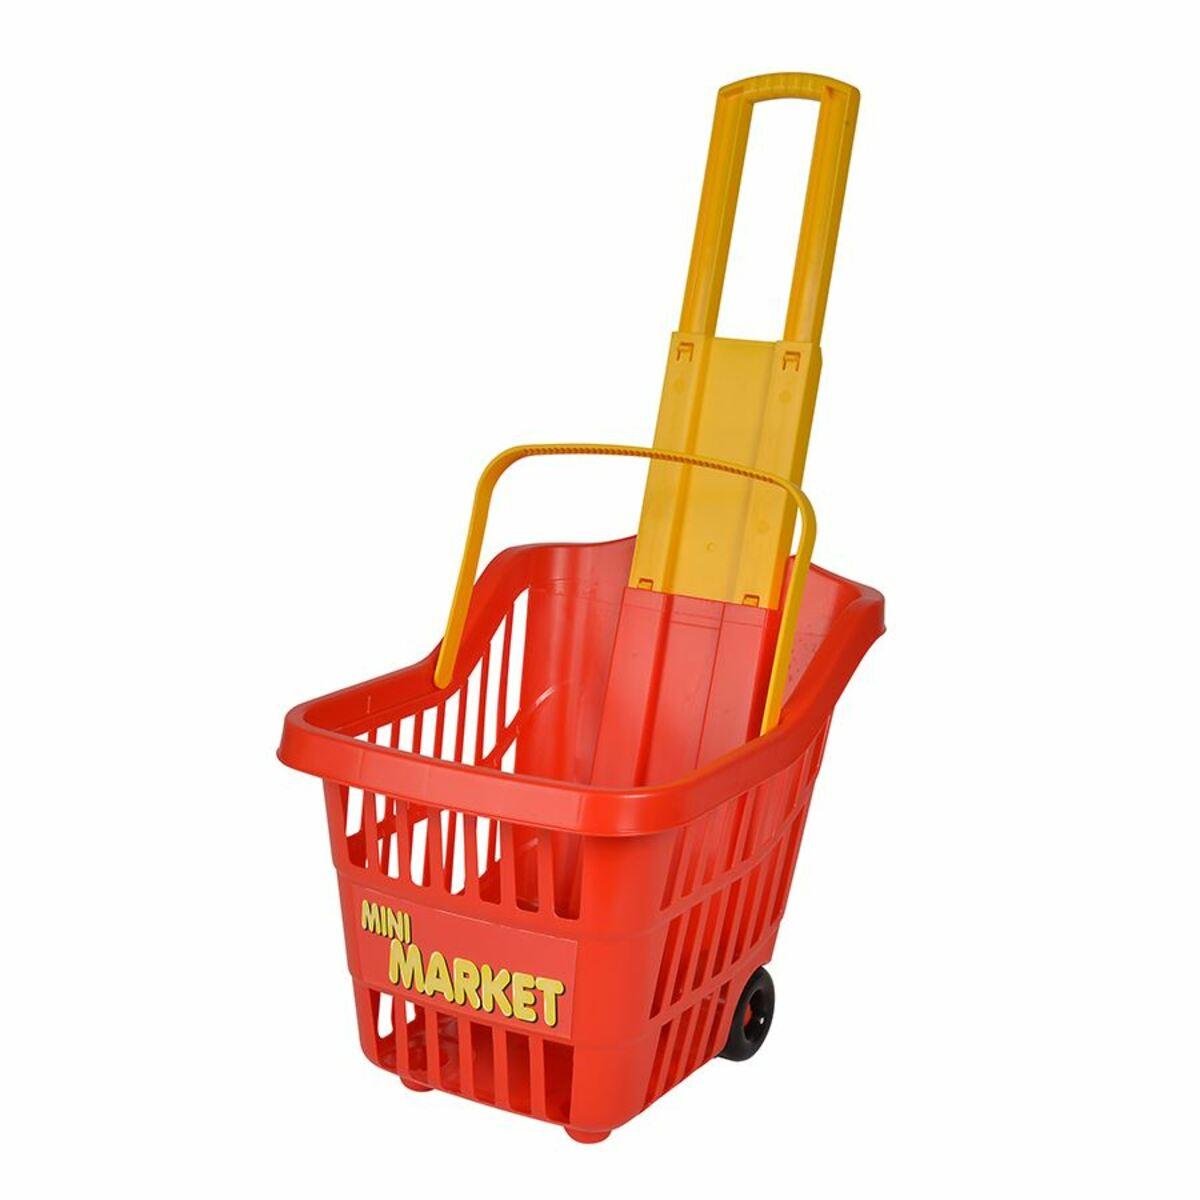 Bild 1 von Kinder-Einkaufstrolley Mini Market 30x24,5x26cm